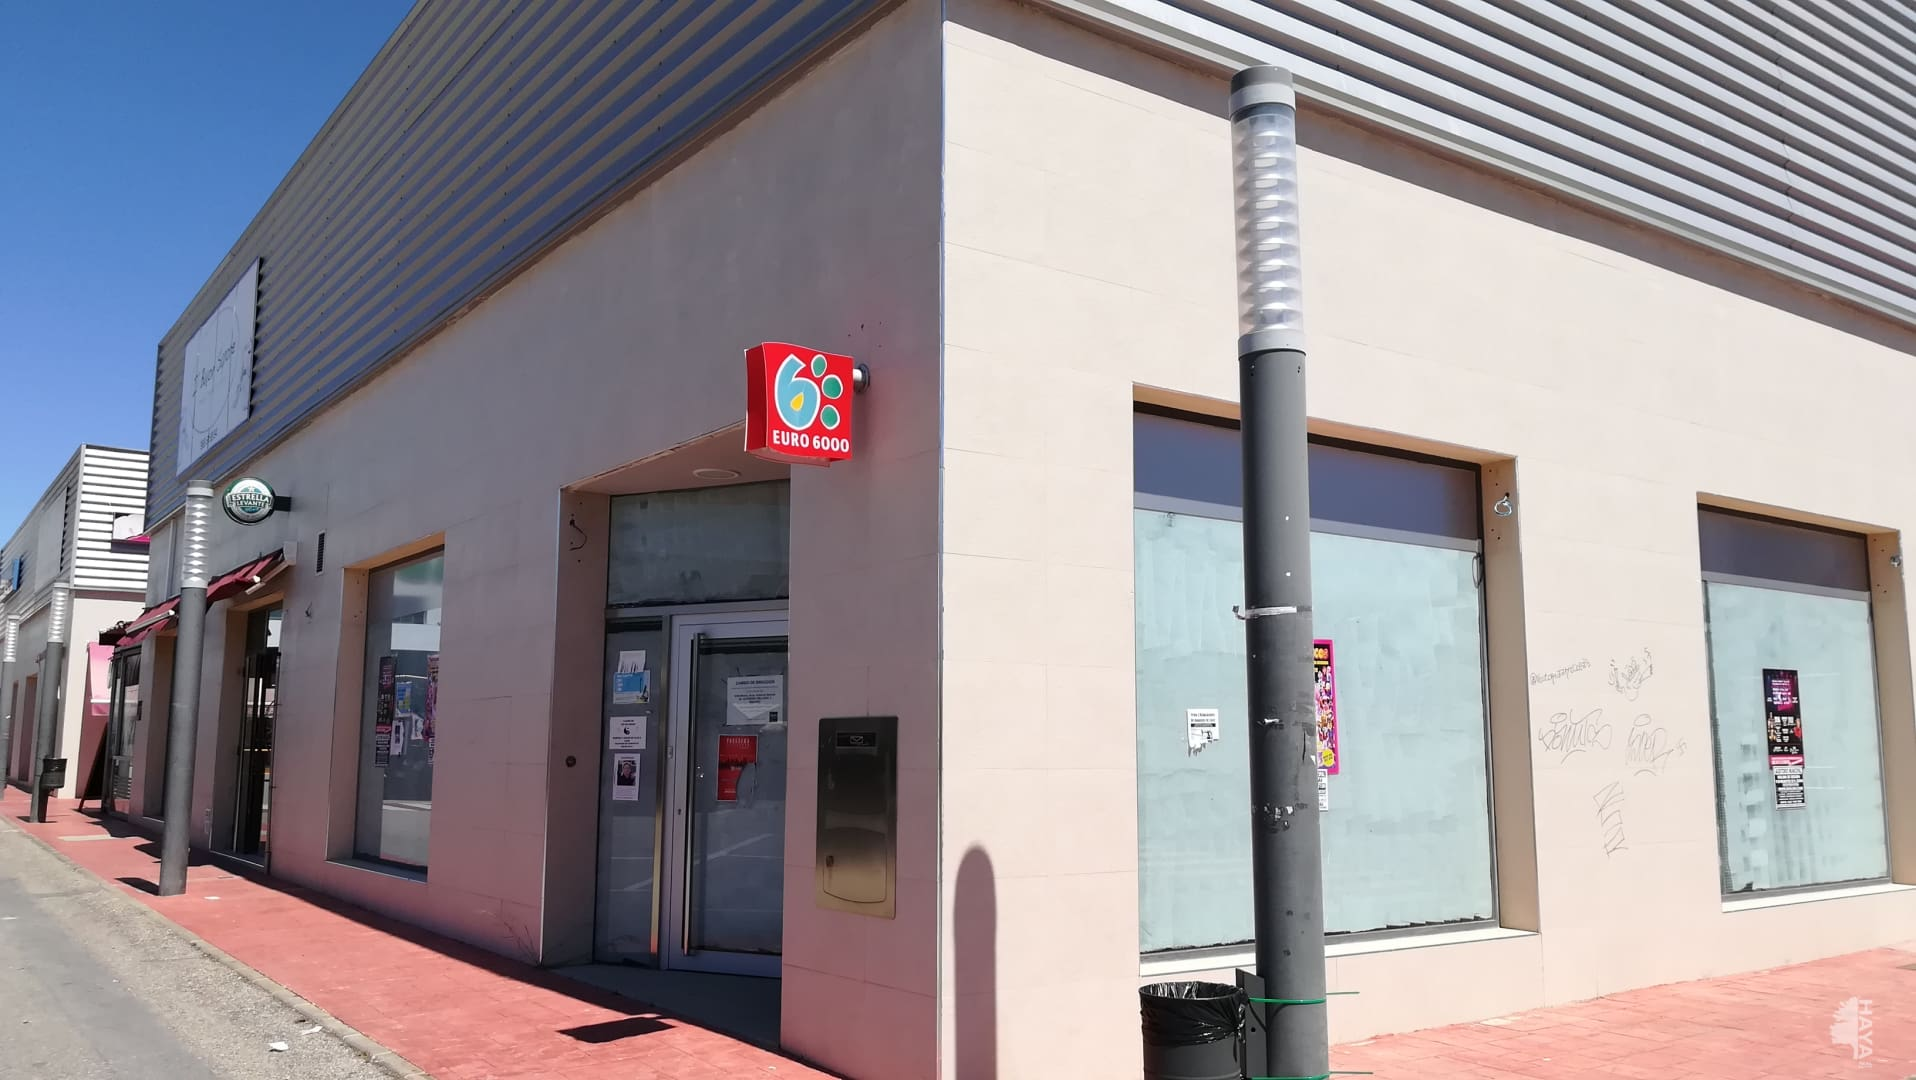 Local en venta en Molina de Segura, Murcia, Avenida Picos de Europa, 108.425 €, 54 m2